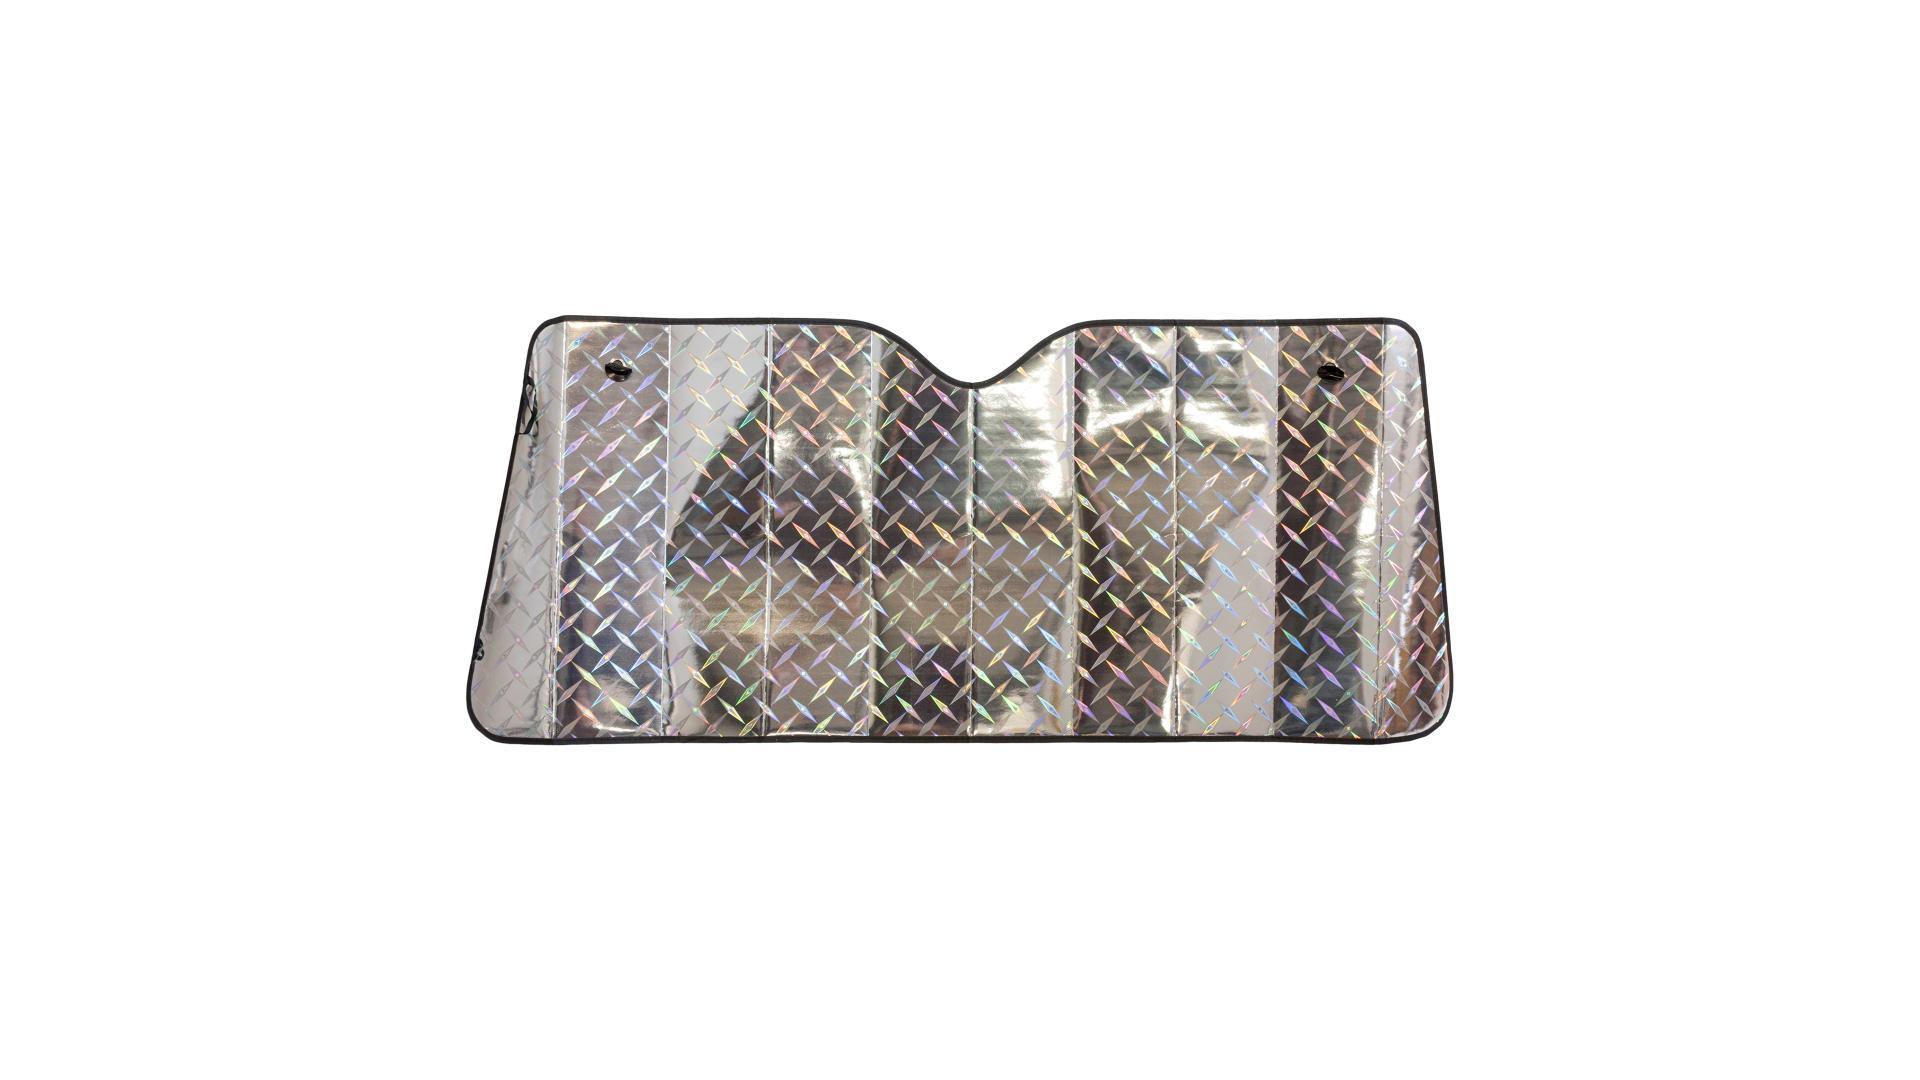 Walser slnečná clona čelného skla Laserový dizajn 130x60cm so vzduchovými komorami